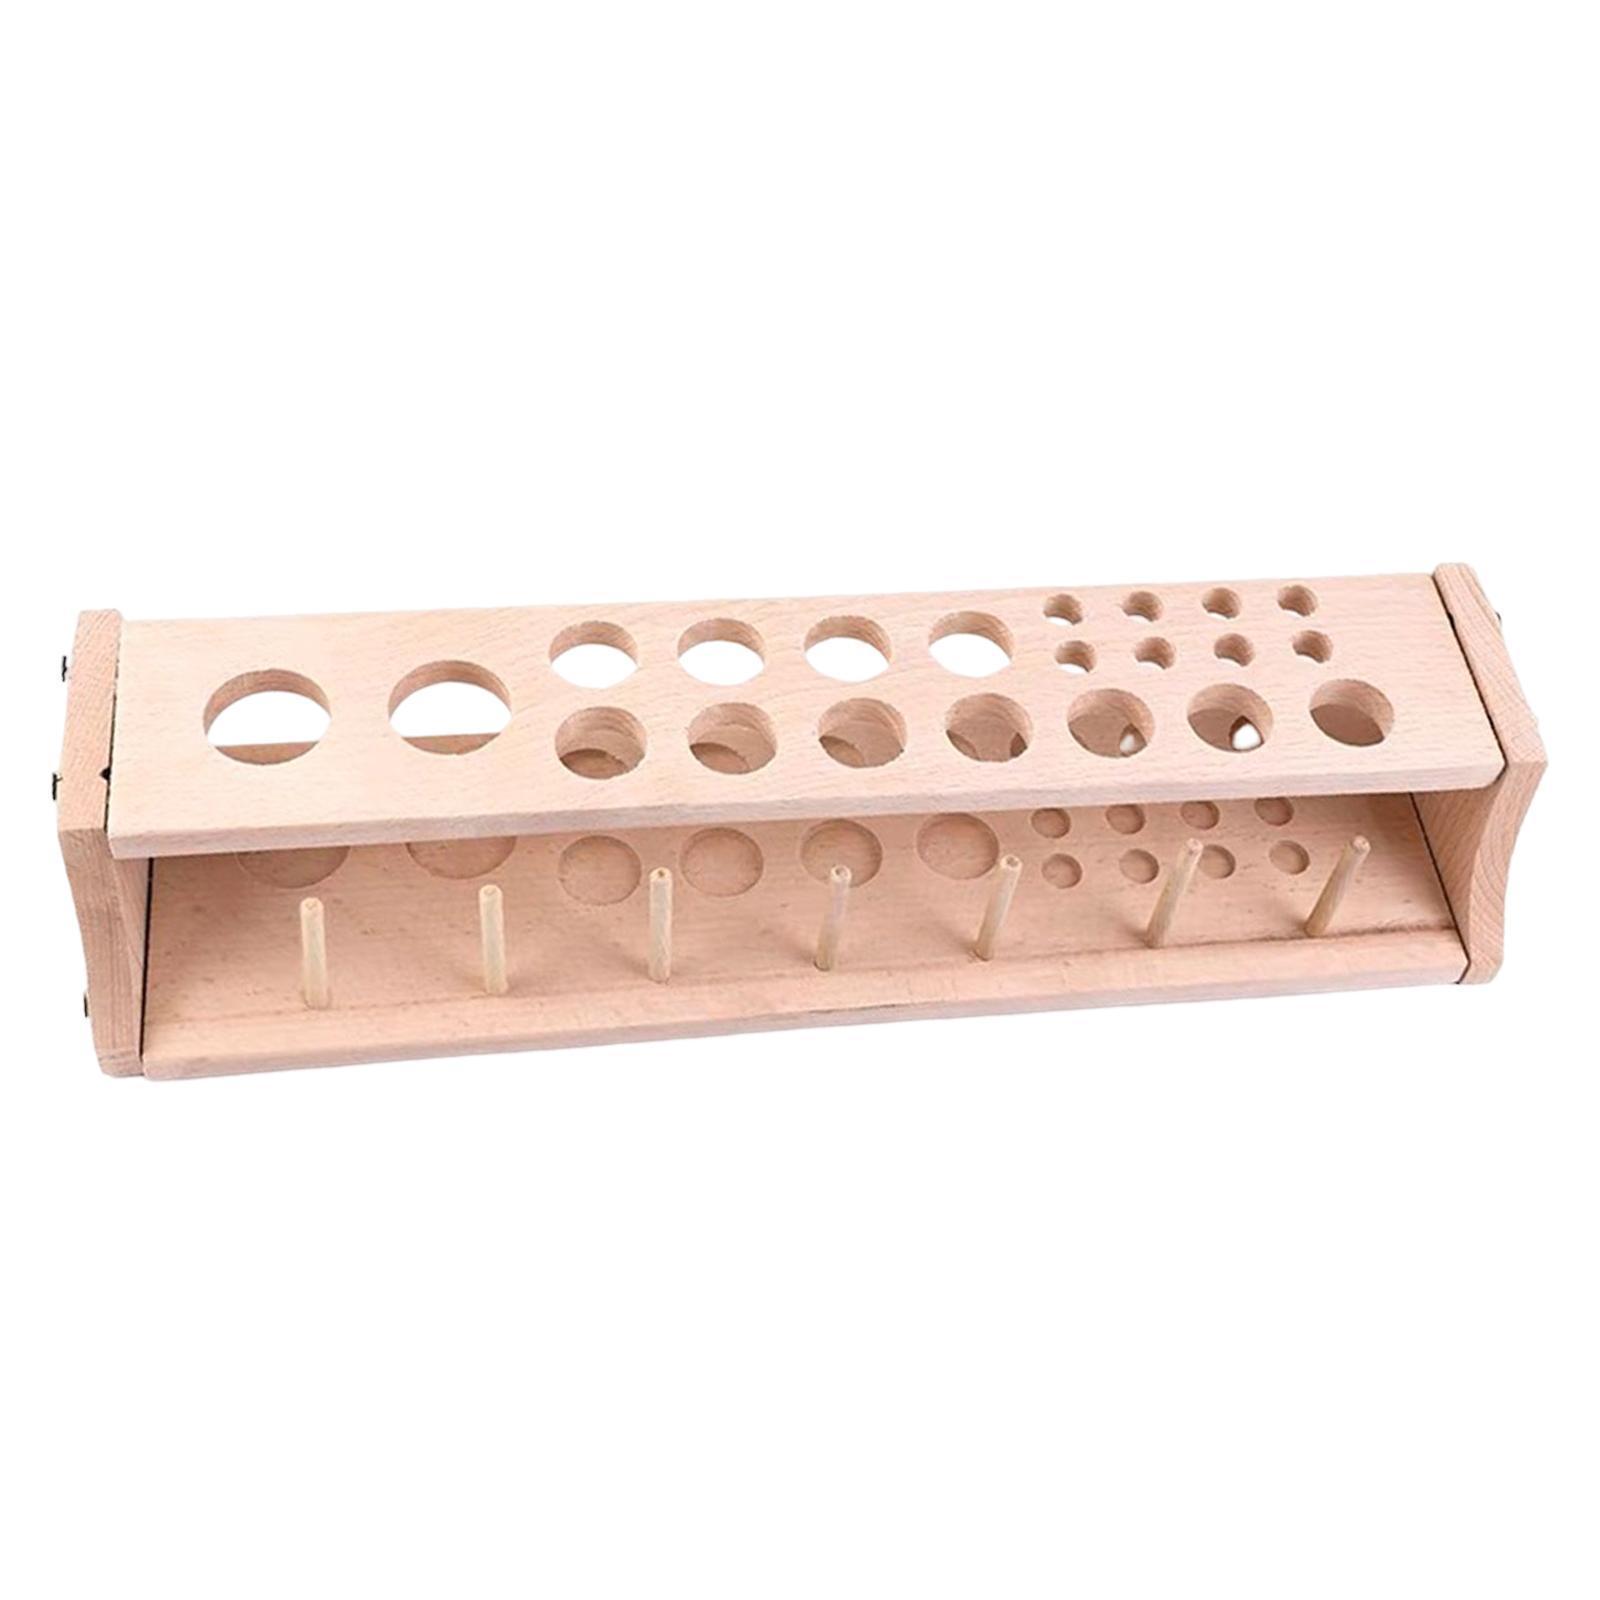 Leder-Halter-Werkzeug-Holz-Punch-Handwerk-Werkzeug-Rack-Leathercraft-Stand Indexbild 7